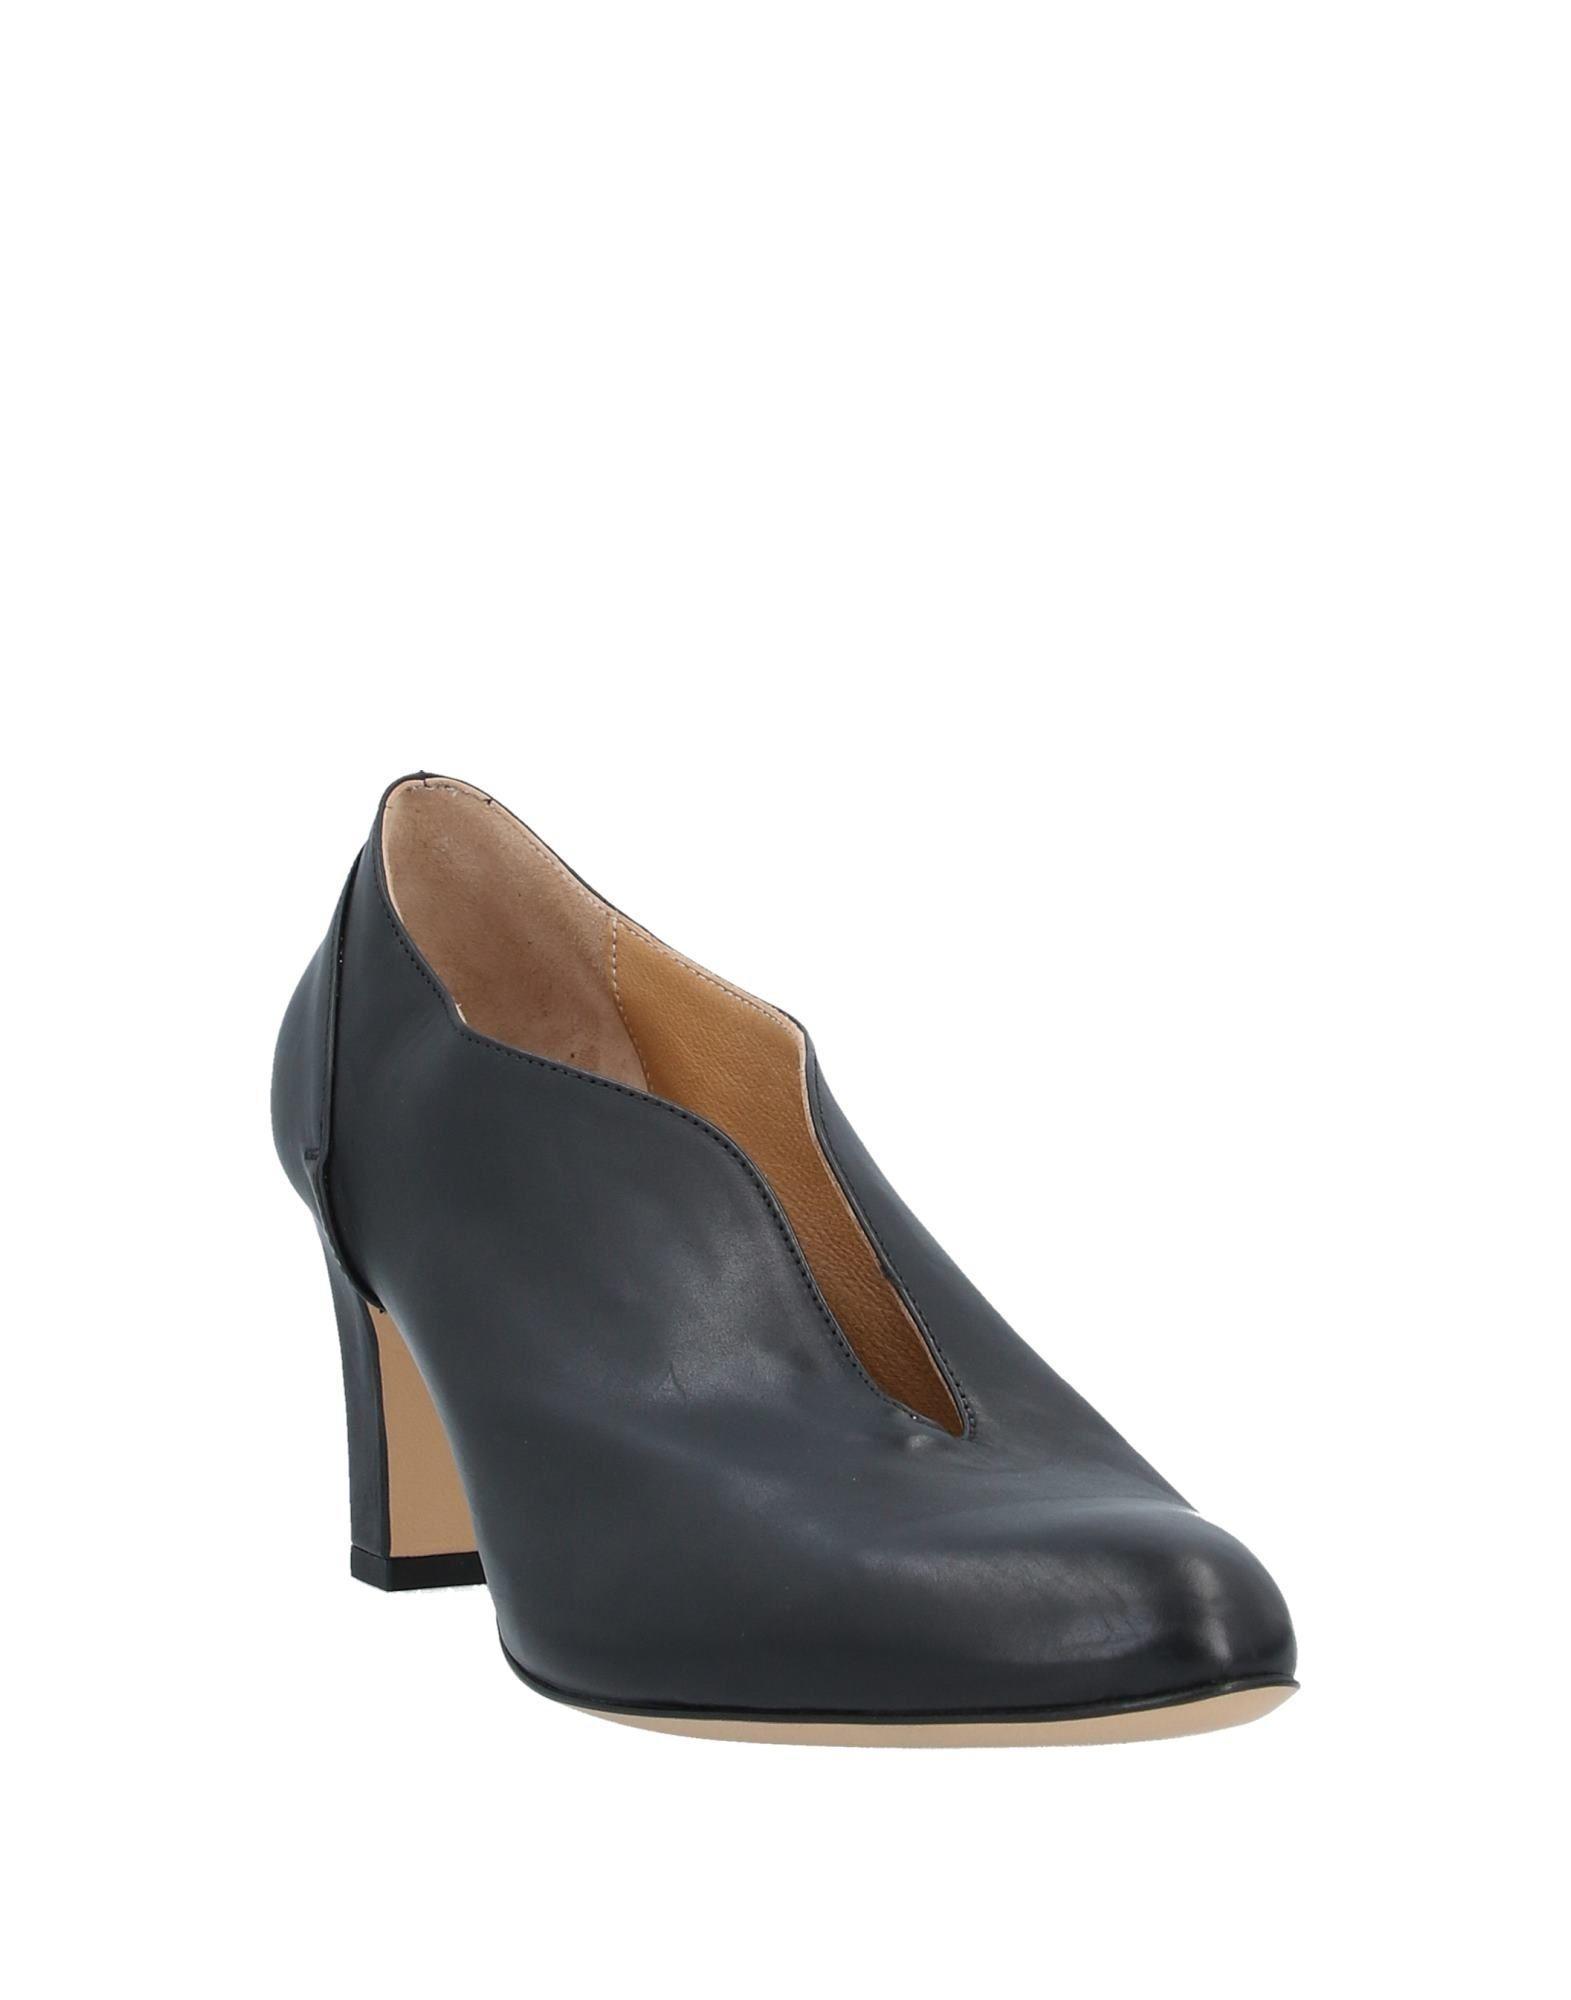 Zapatos de salón Pomme D'or de Cuero de color Negro